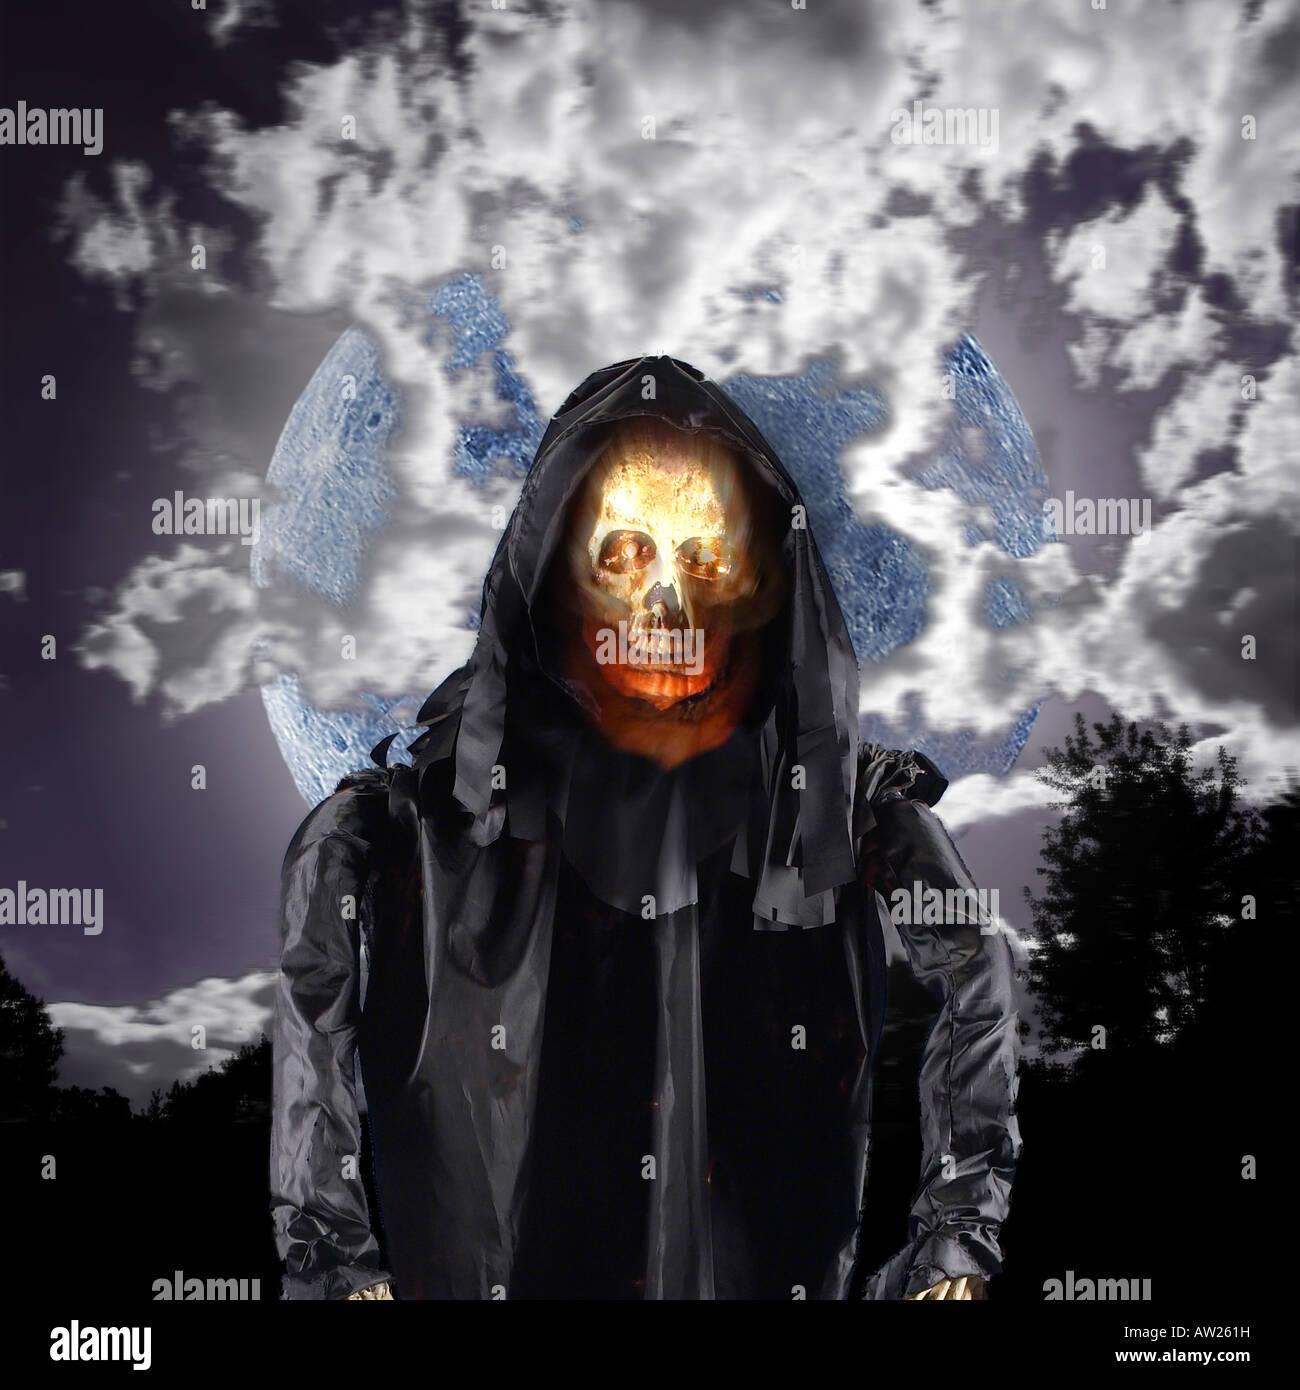 Böse Schädel Dämon Ghost mit Vollmond der Halloween-Nacht Stockbild